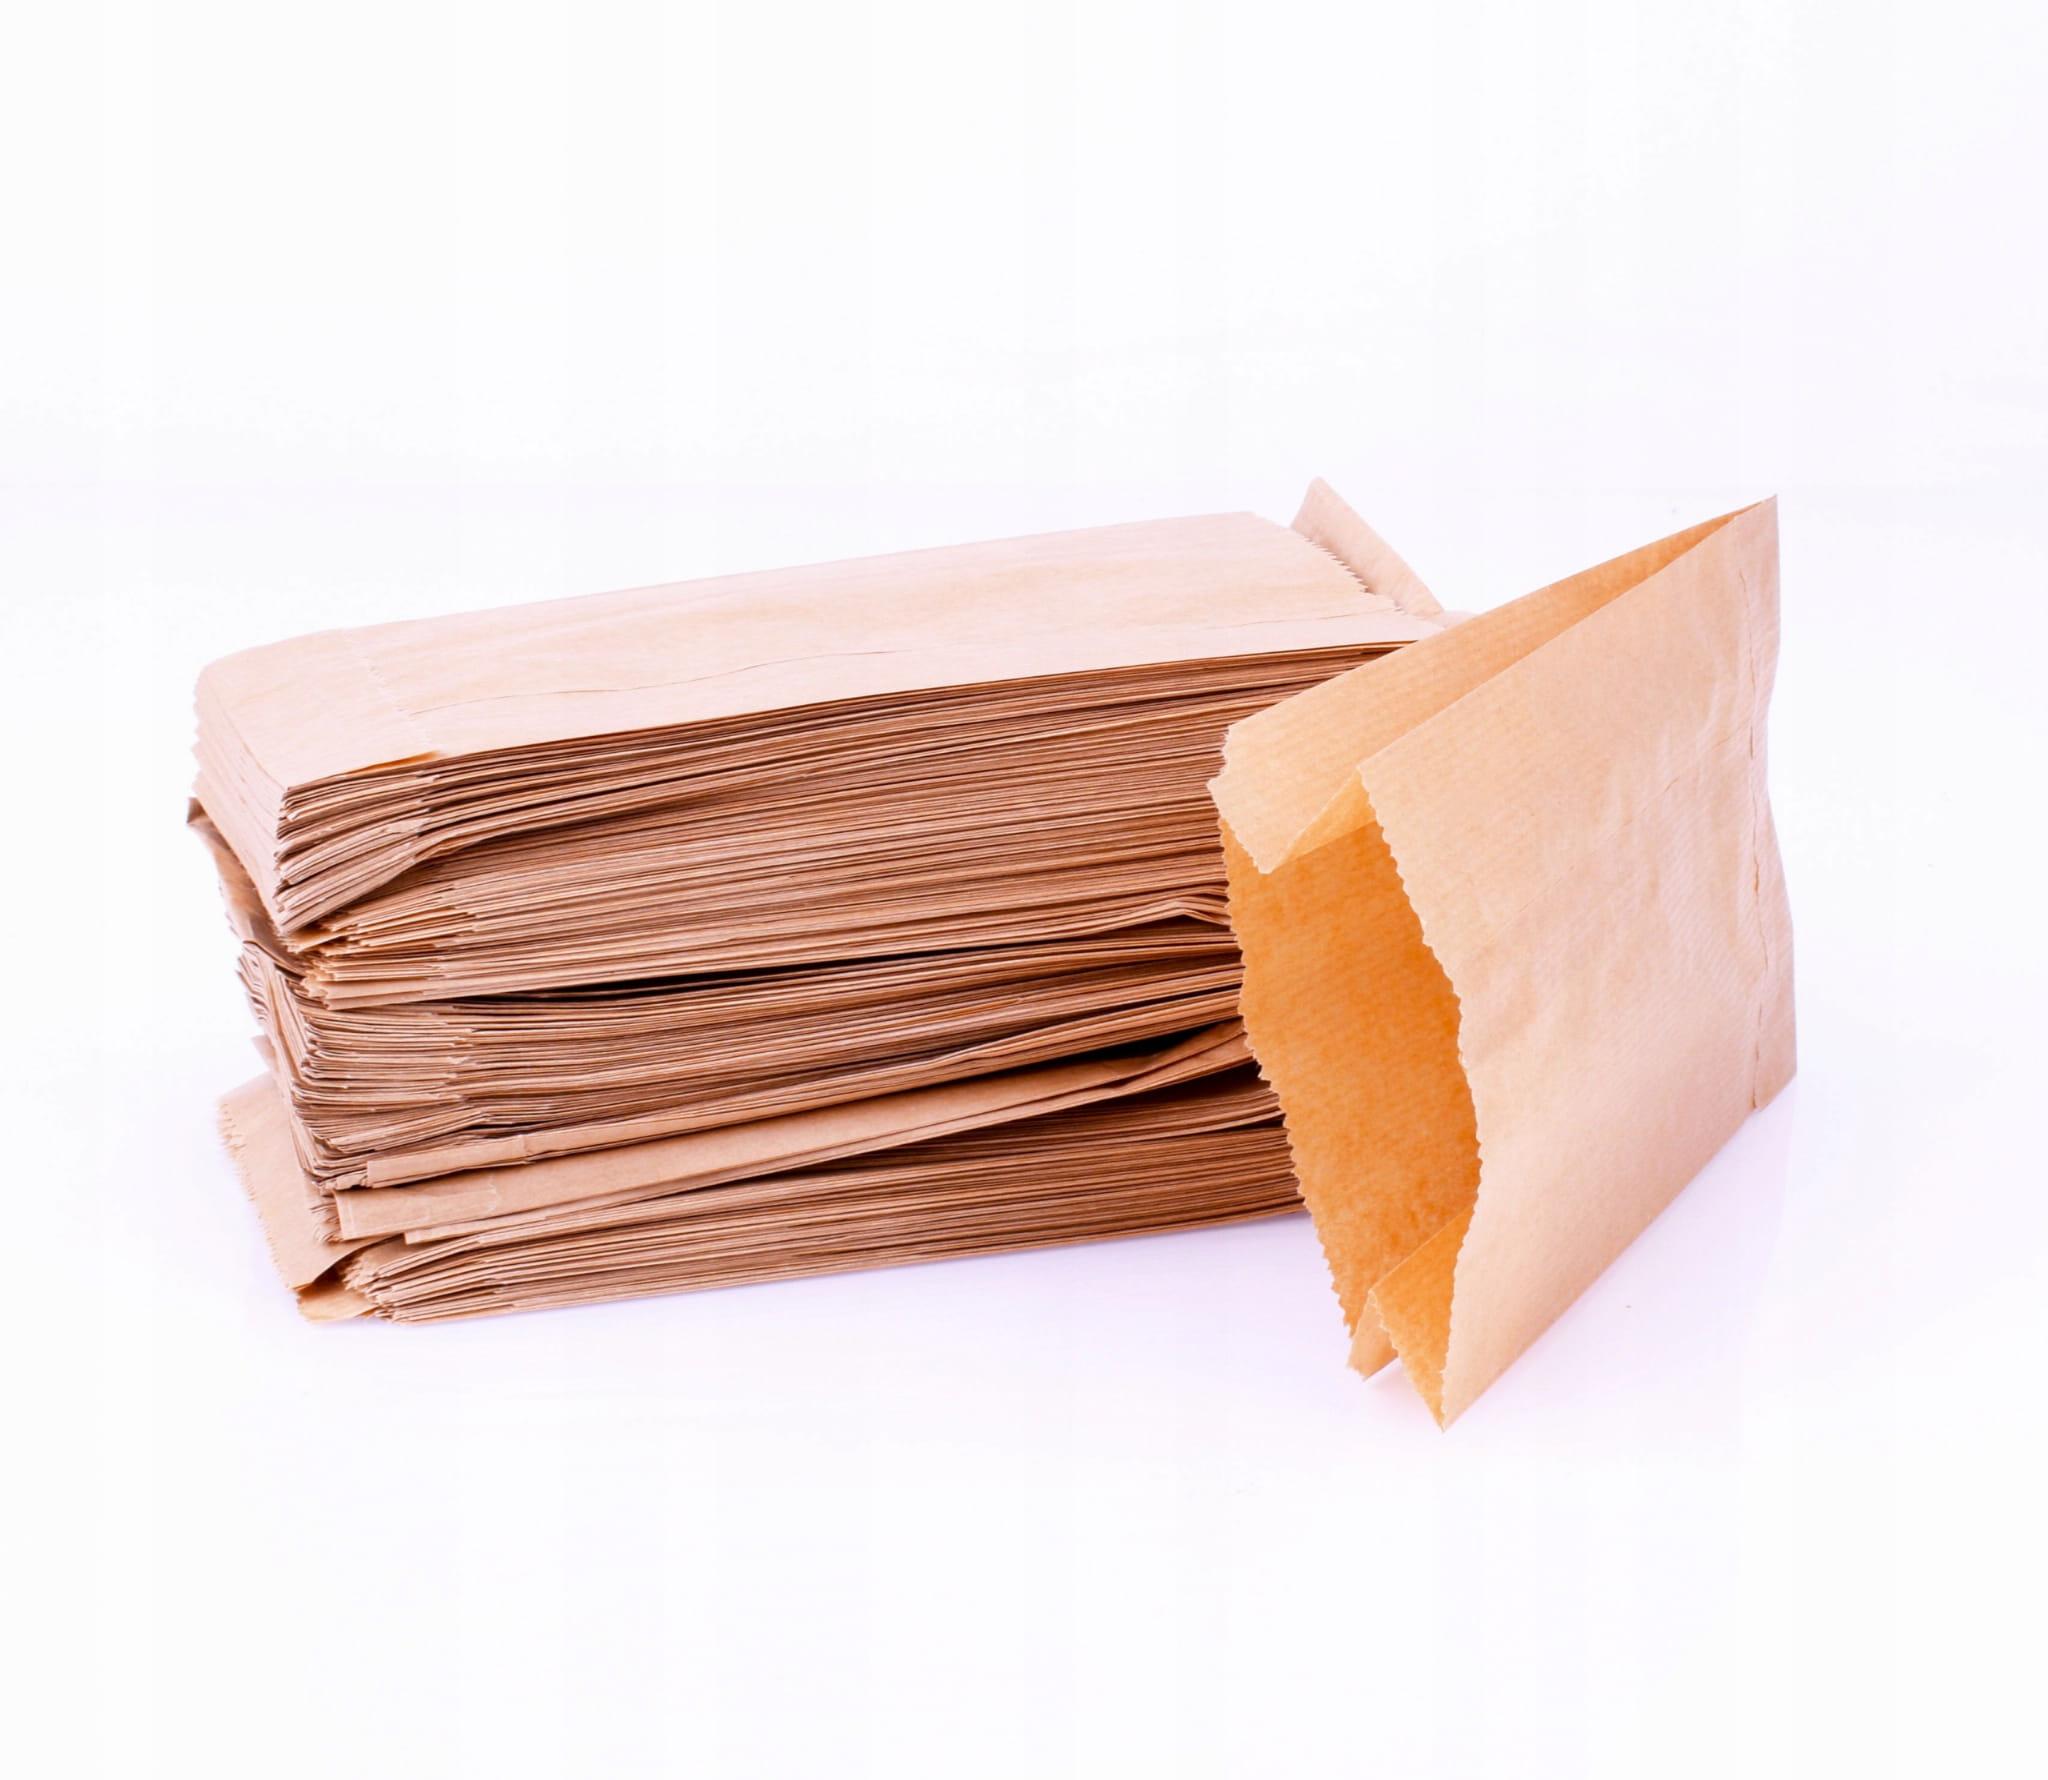 Torebki papierowe fałdowe 15x29 cm opk. 100 sztuk brąz